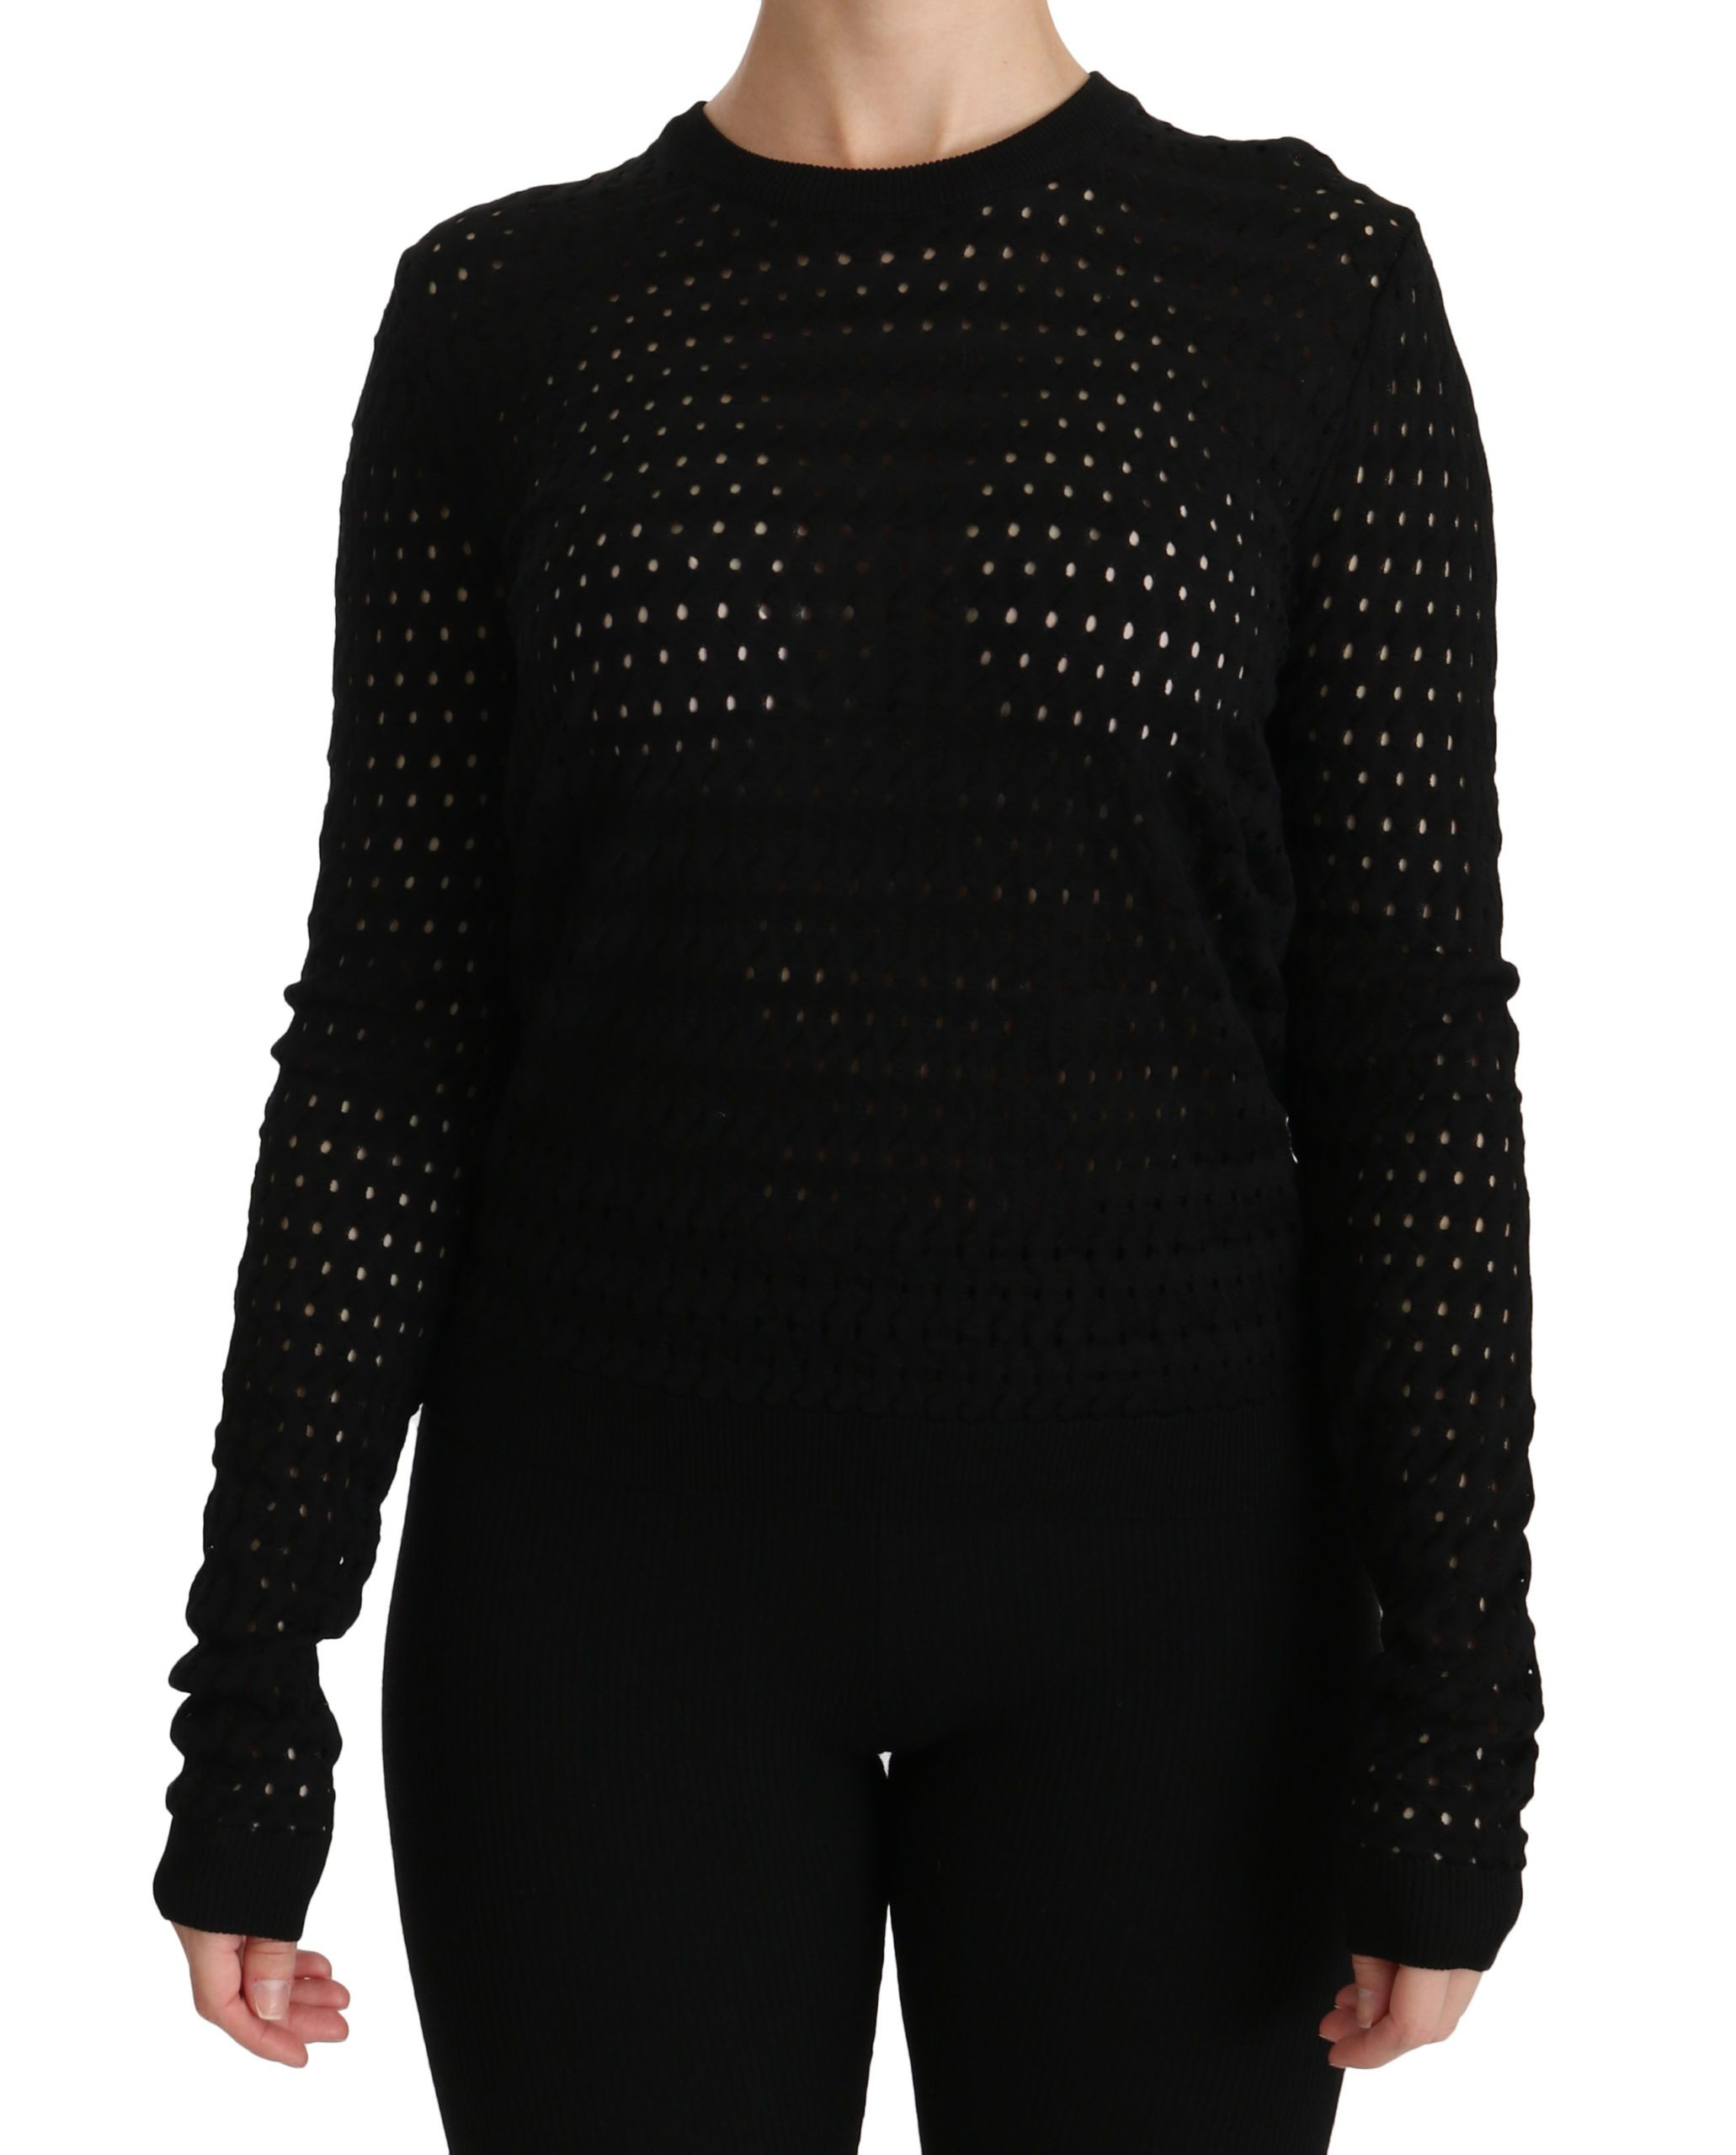 Dolce & Gabbana Women's Long Sleeve Top Black TSH4257-40 - IT40 S